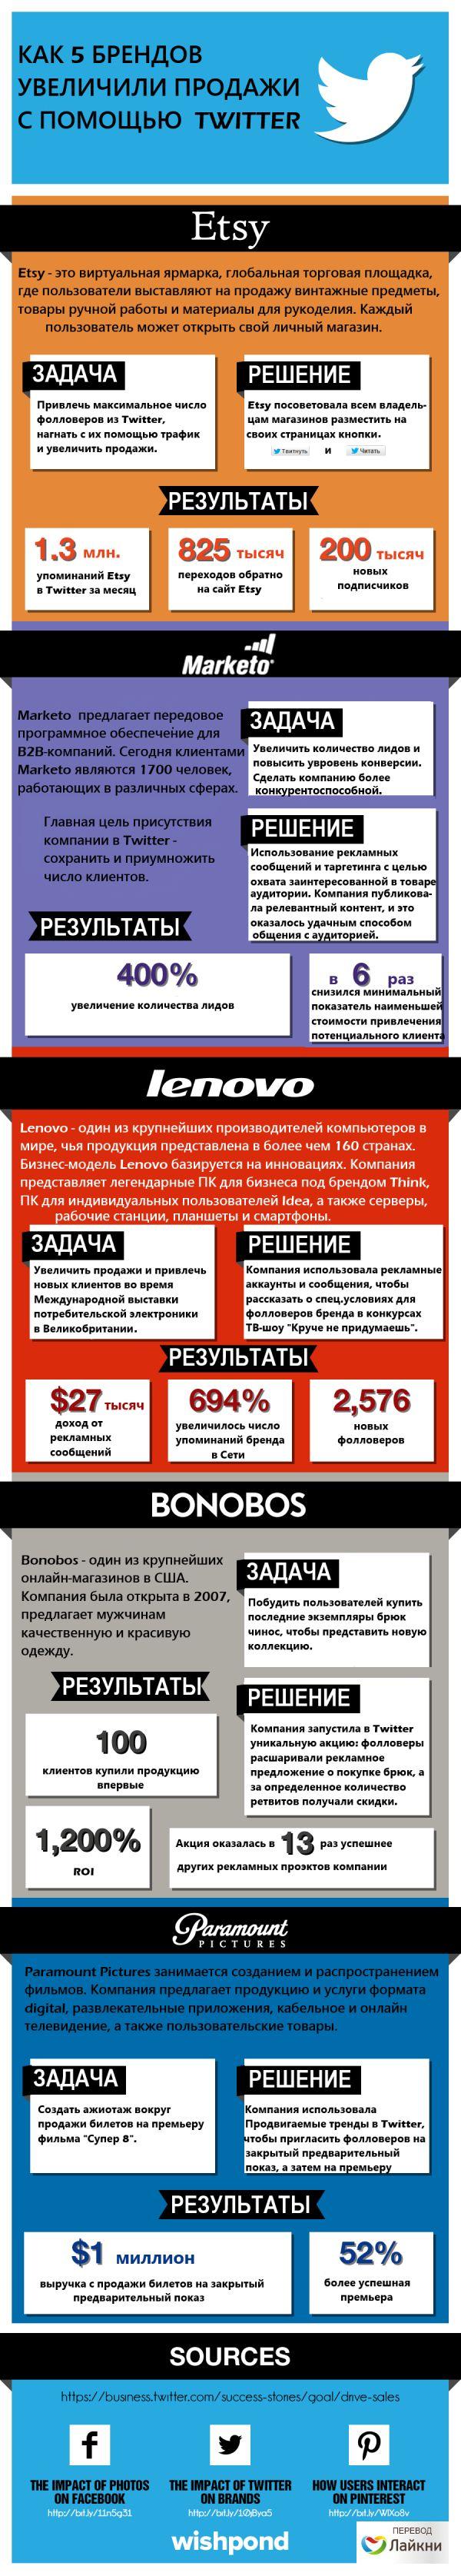 Инфографика: Примеры увеличения продажи с помощью Twitter